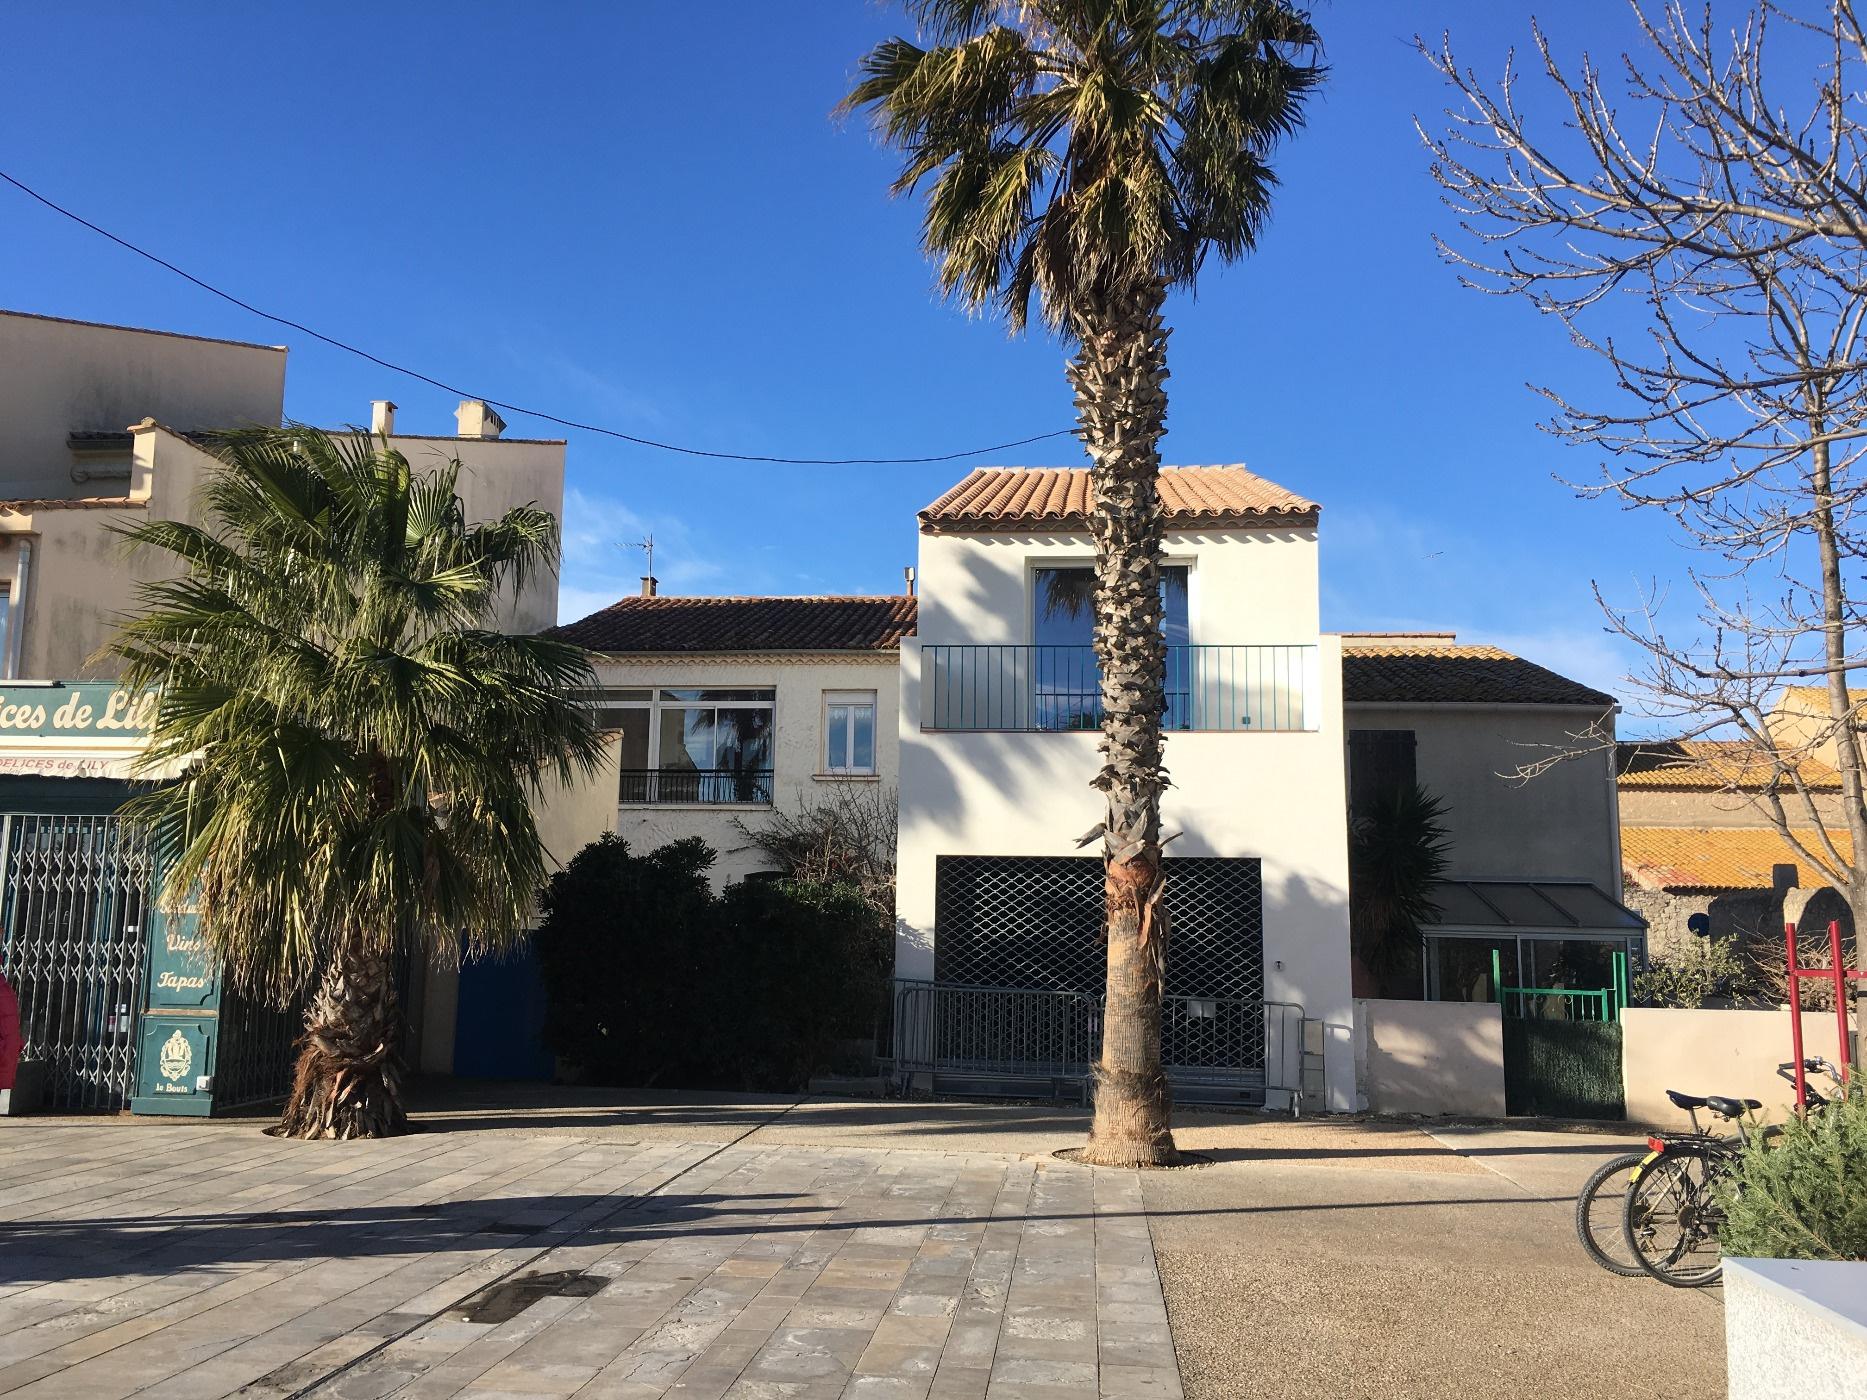 Vente Immobilier Professionnel Murs commerciaux Gruissan (11430)